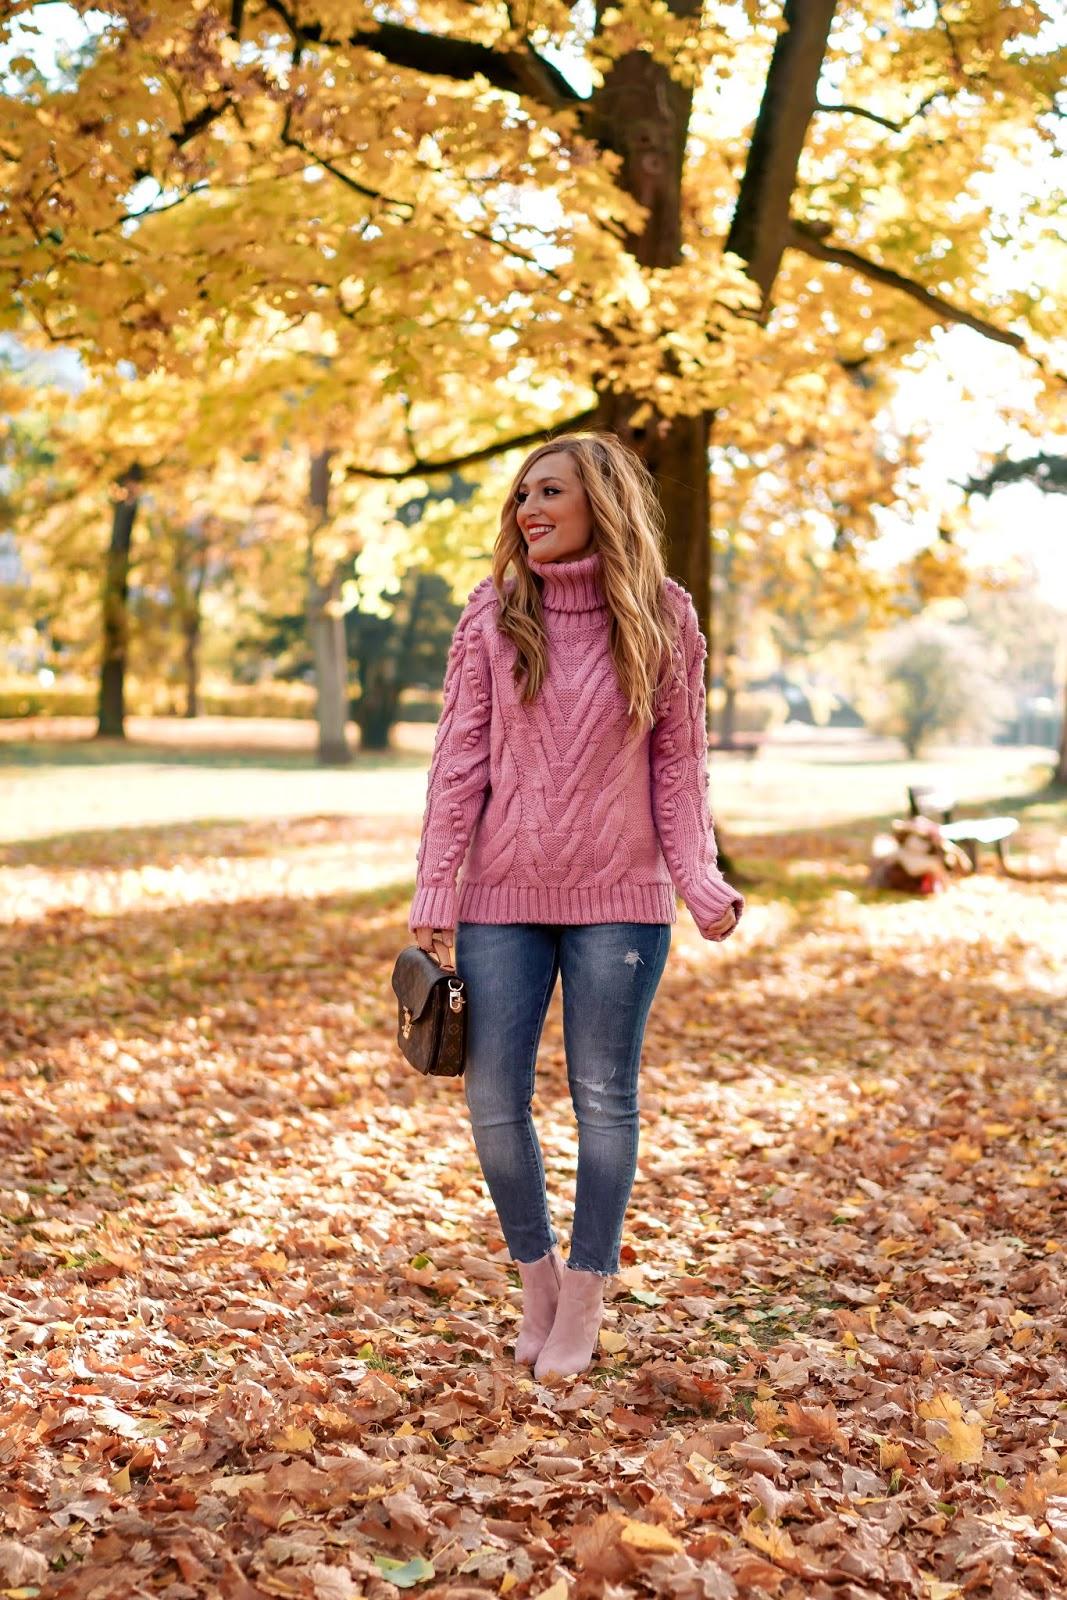 Rosa-rollkragenpullover-skinny-jeans-der-perfekte-herbstlook-was-ist-derzeit-im-trend-trend-outfit-Fashionstylebyjohanna.jpg (10)